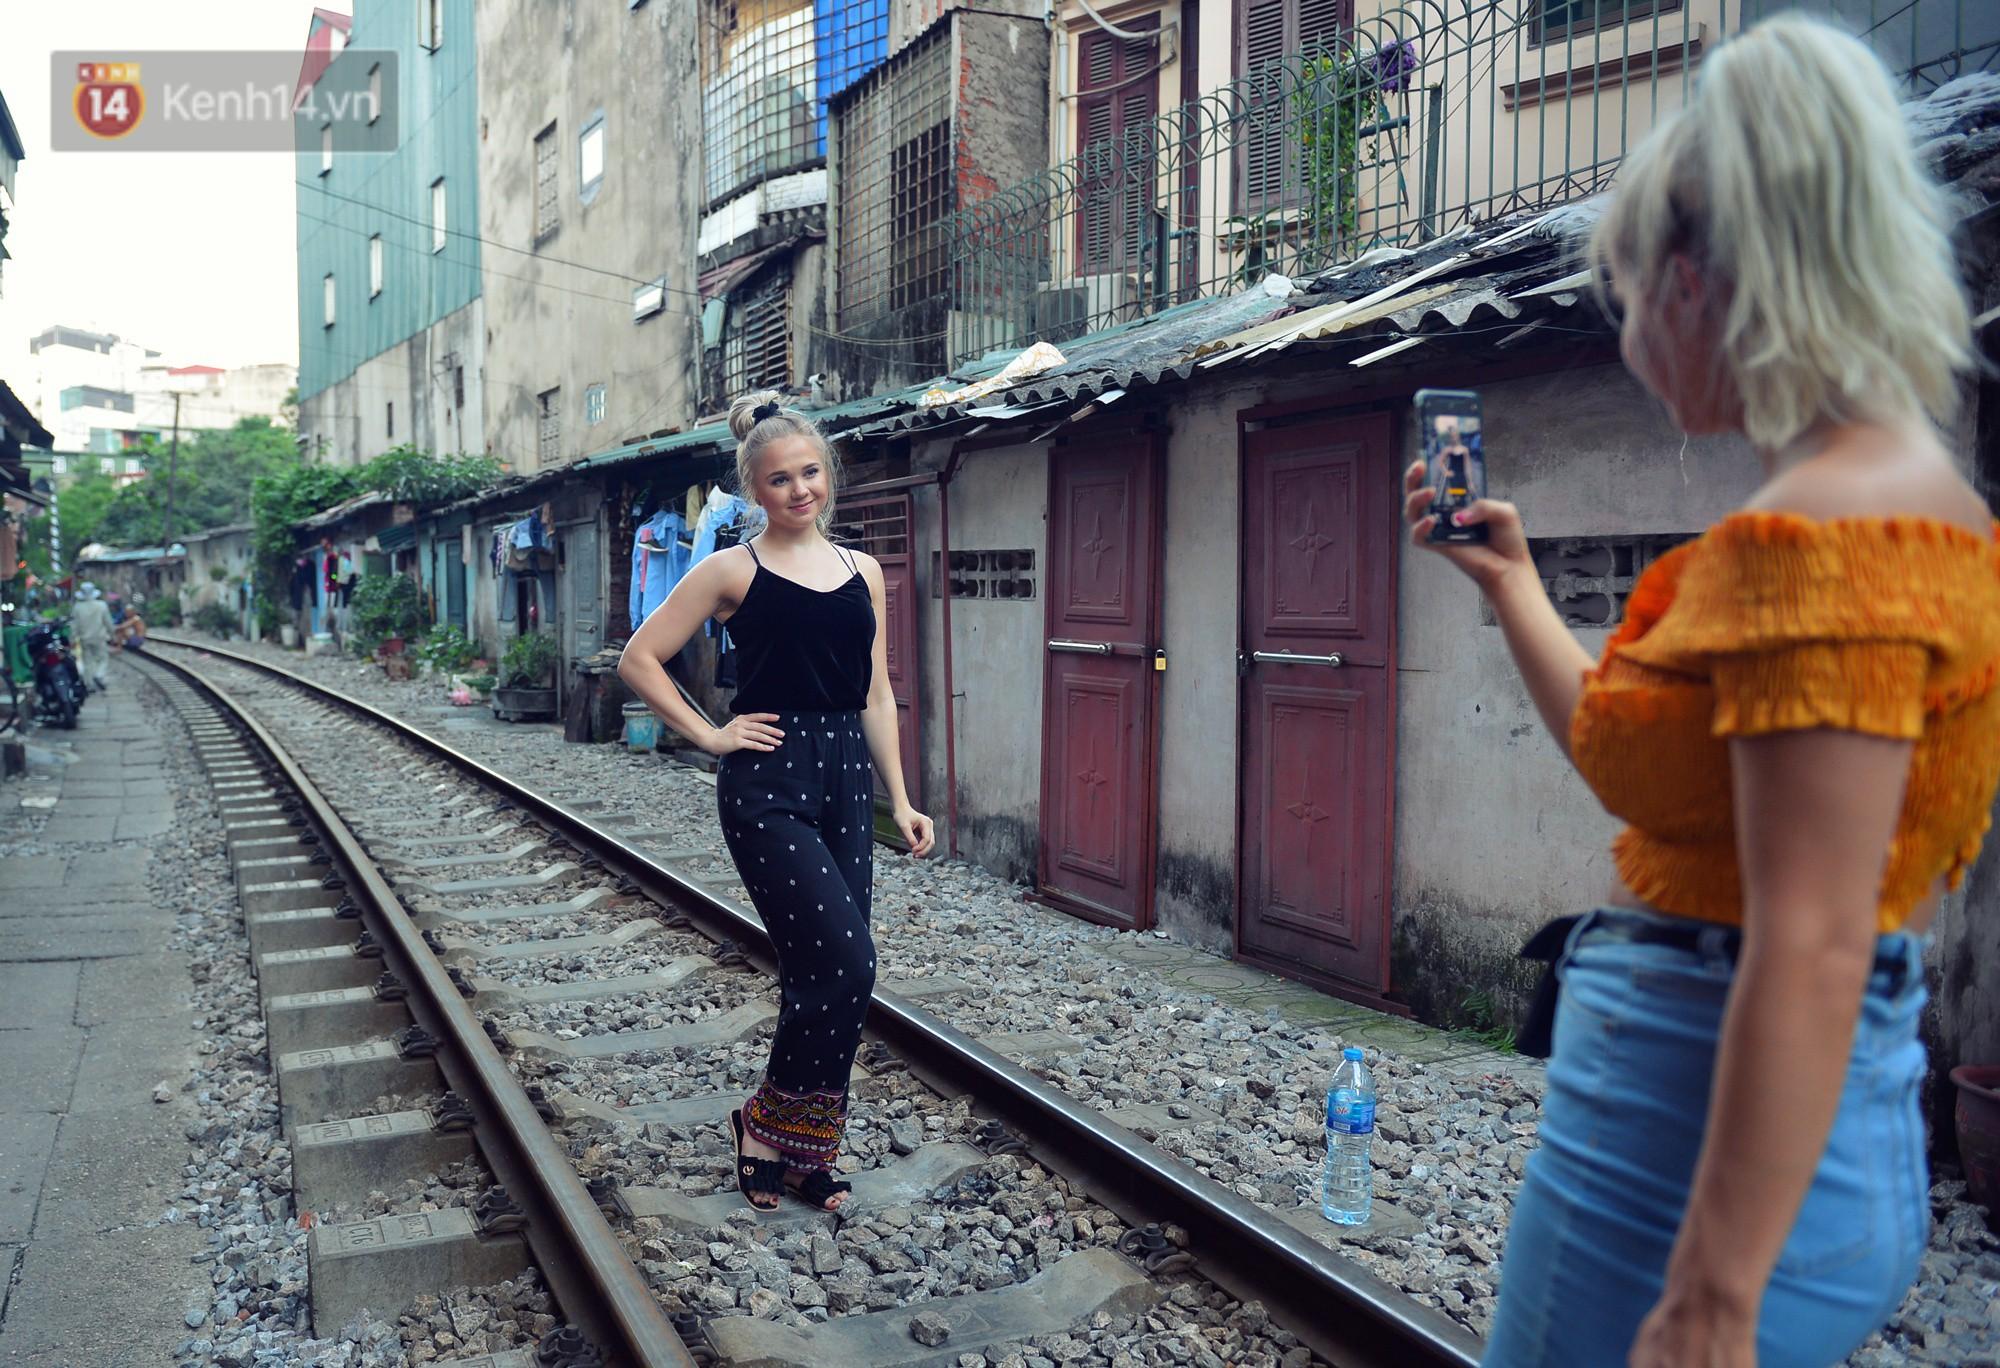 Hà Nội: Xóm đường tàu đẹp không kém làng cổ Thập Phần, Đài Loan - Ảnh 2.